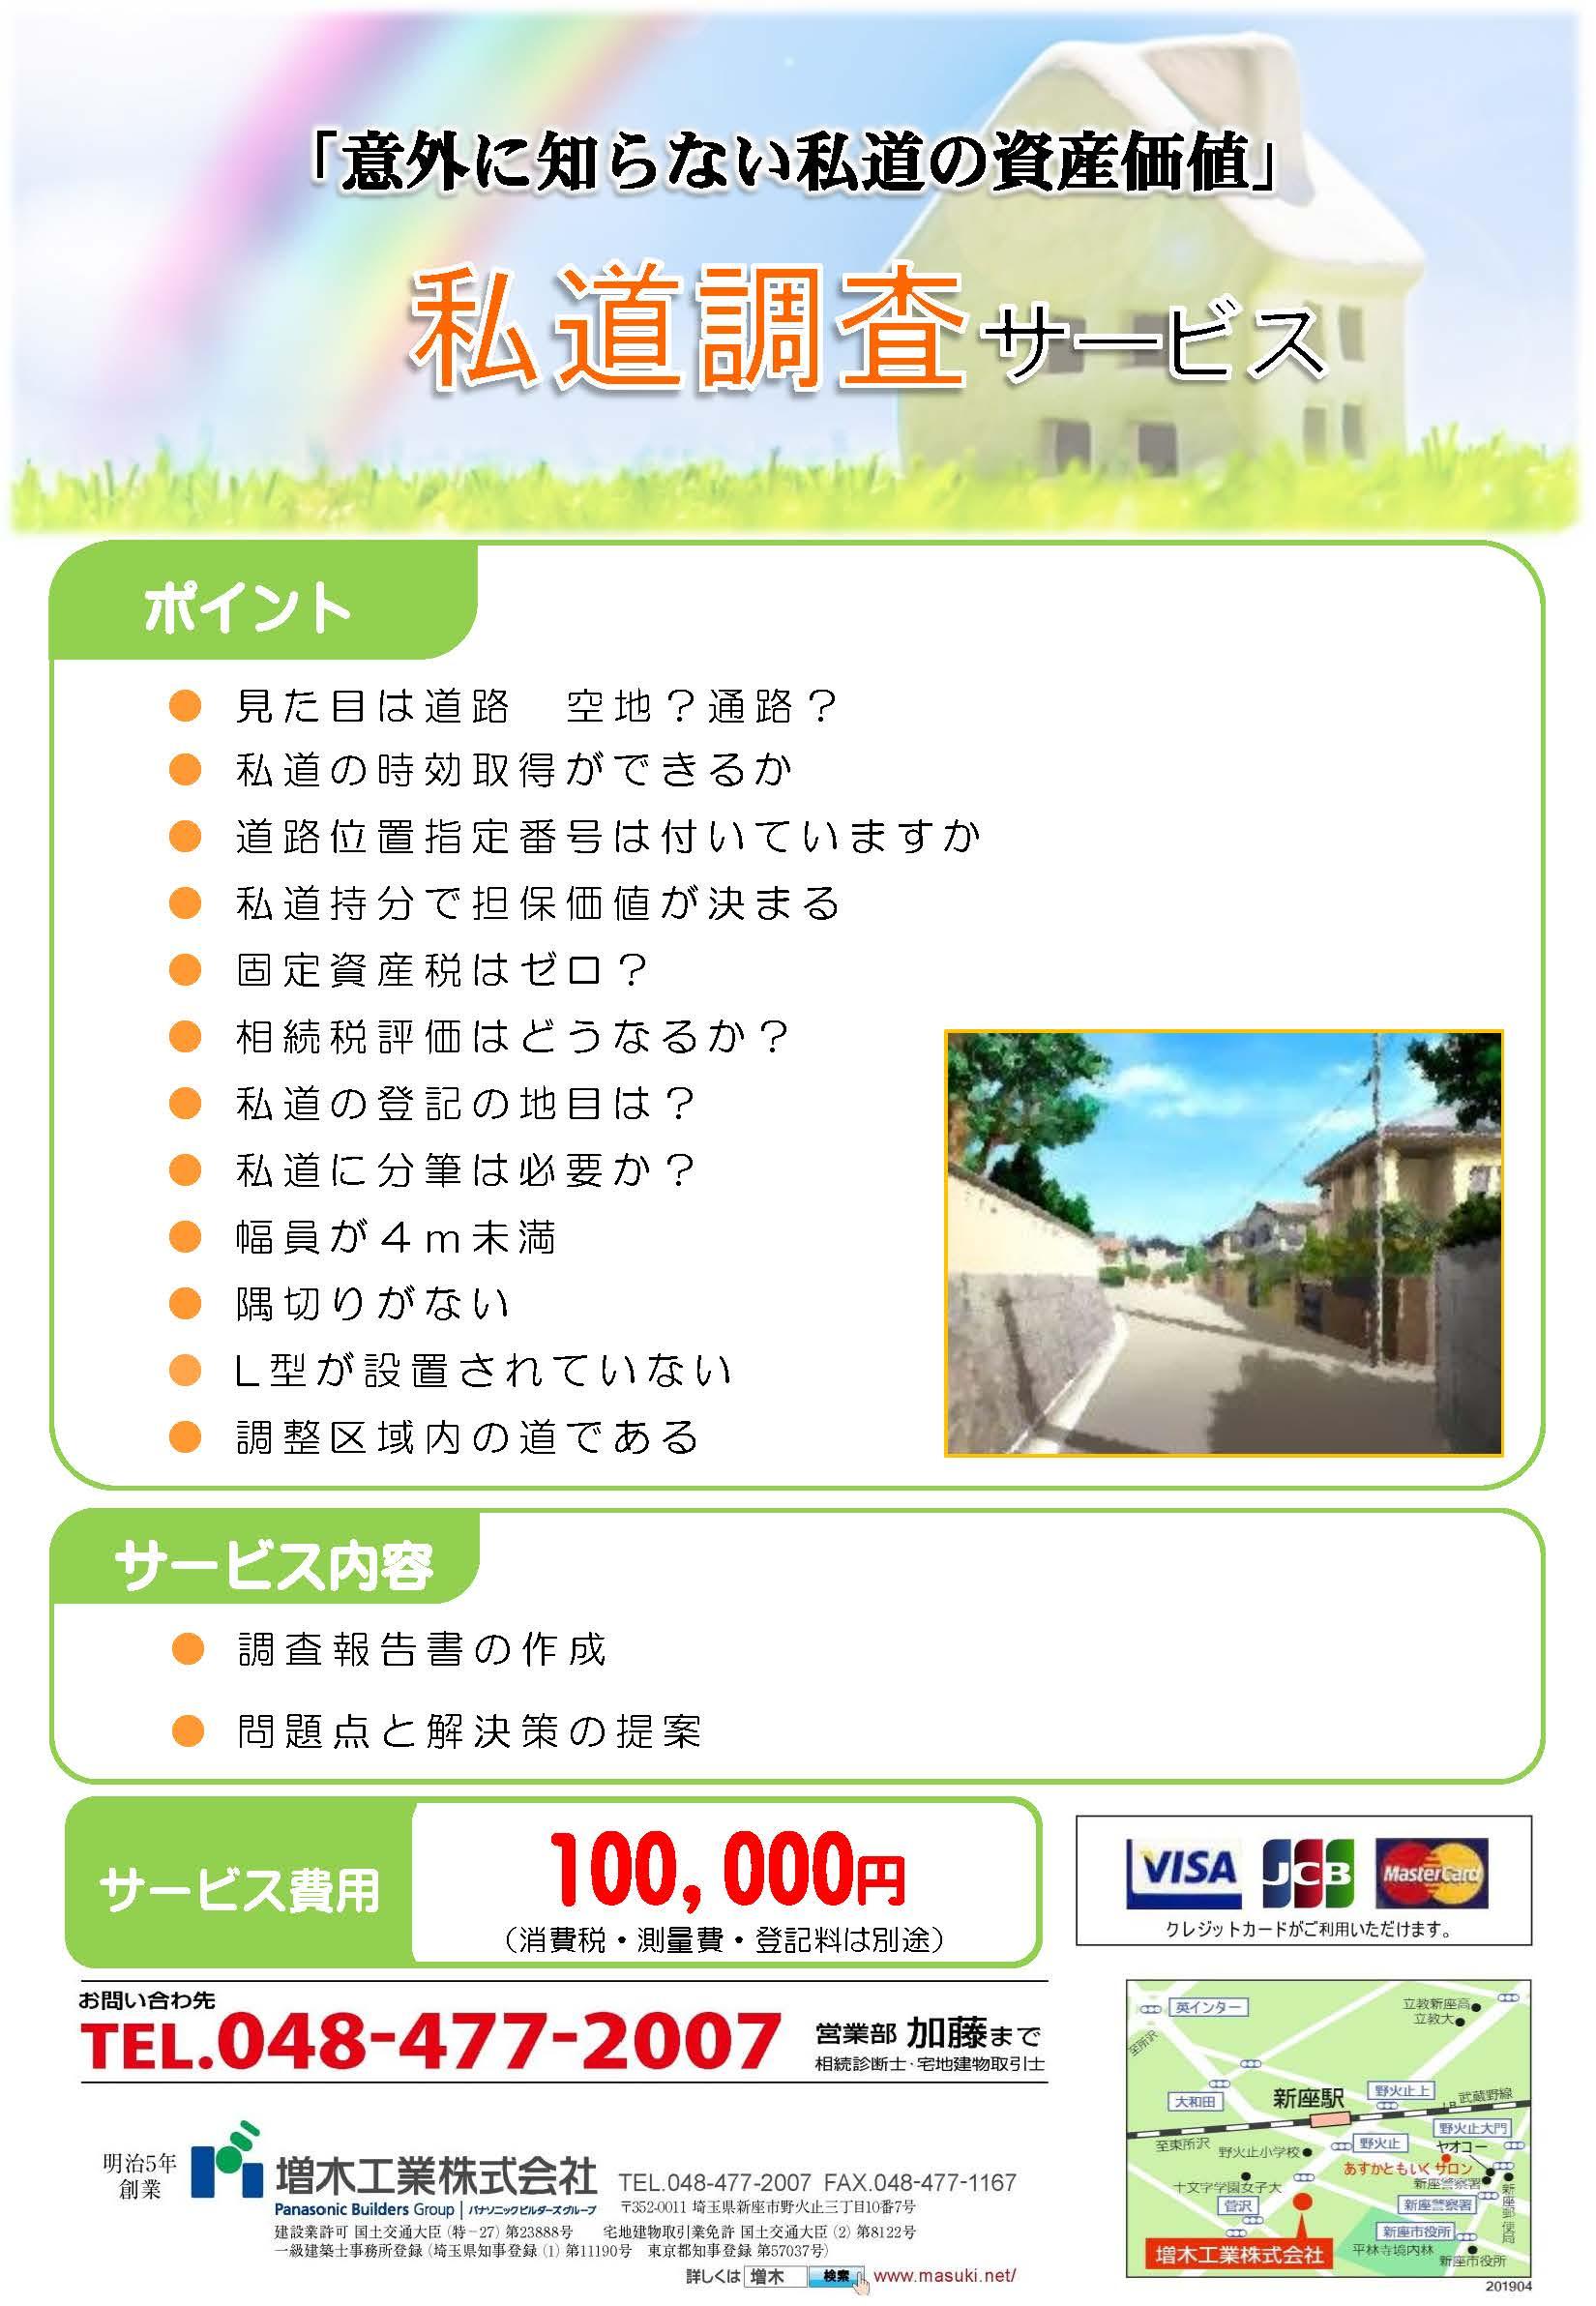 私道調査サービス/9のイメージ